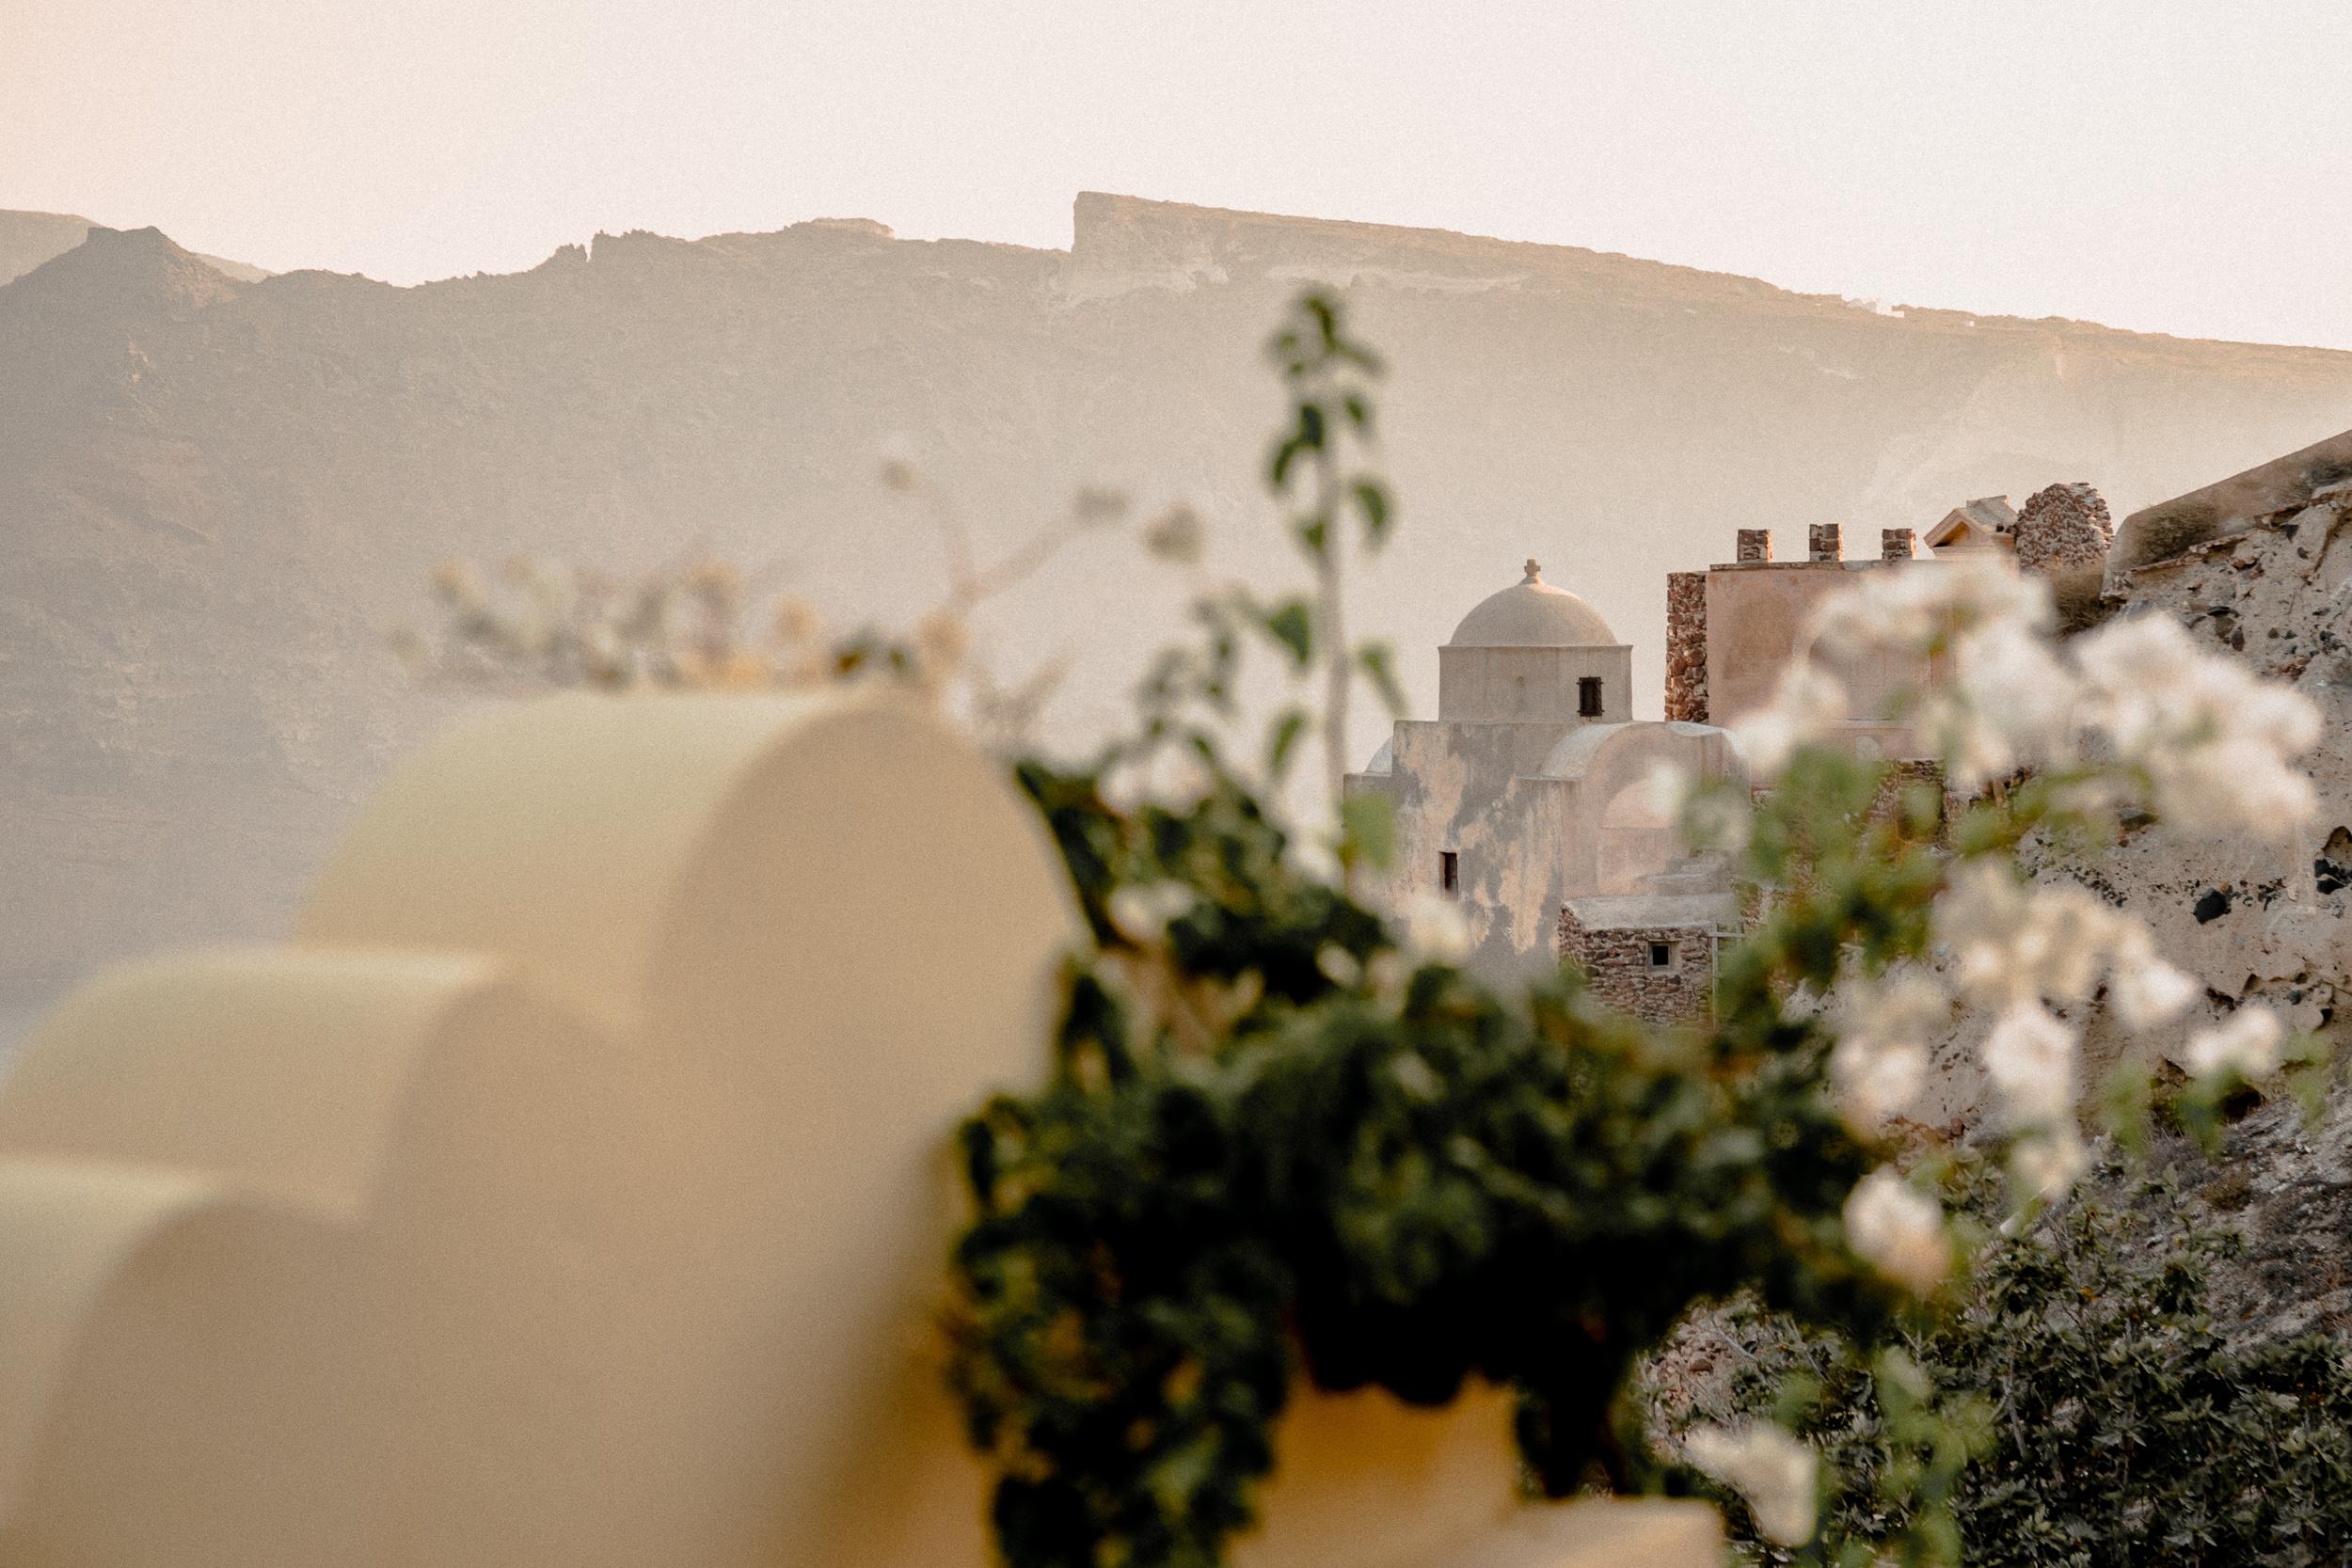 07-santorini-ia-oia-greece-golden-hour-travel-anna-elina-lahti-photographer.jpg